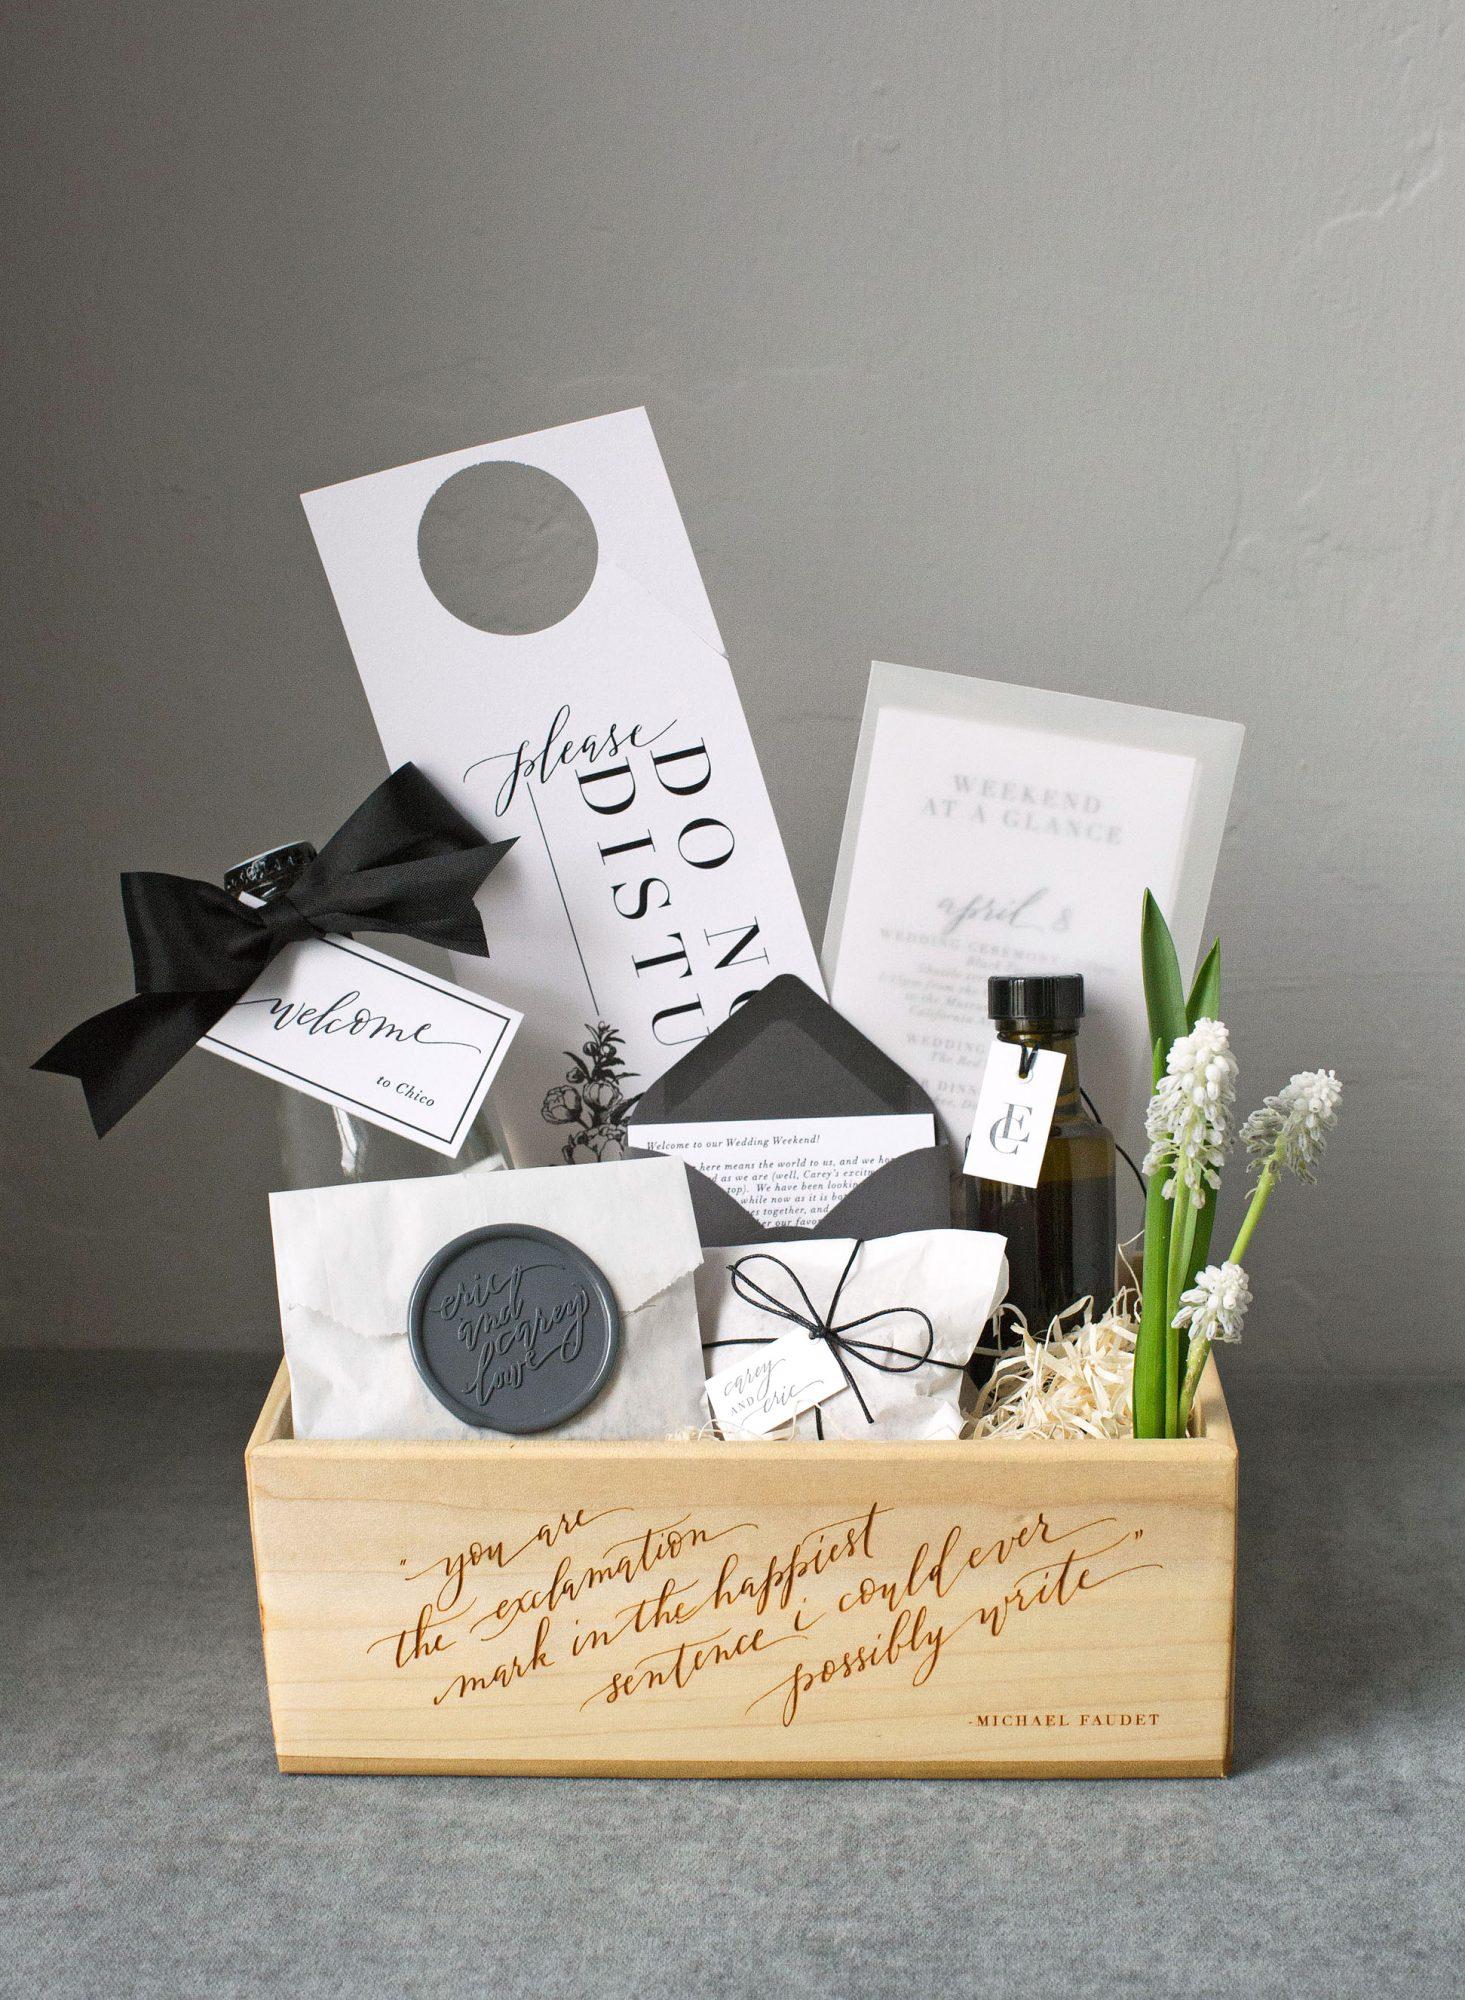 welcome bag coffret en bois bienvenue cadeaux invites haut de gamme mariage luxueux